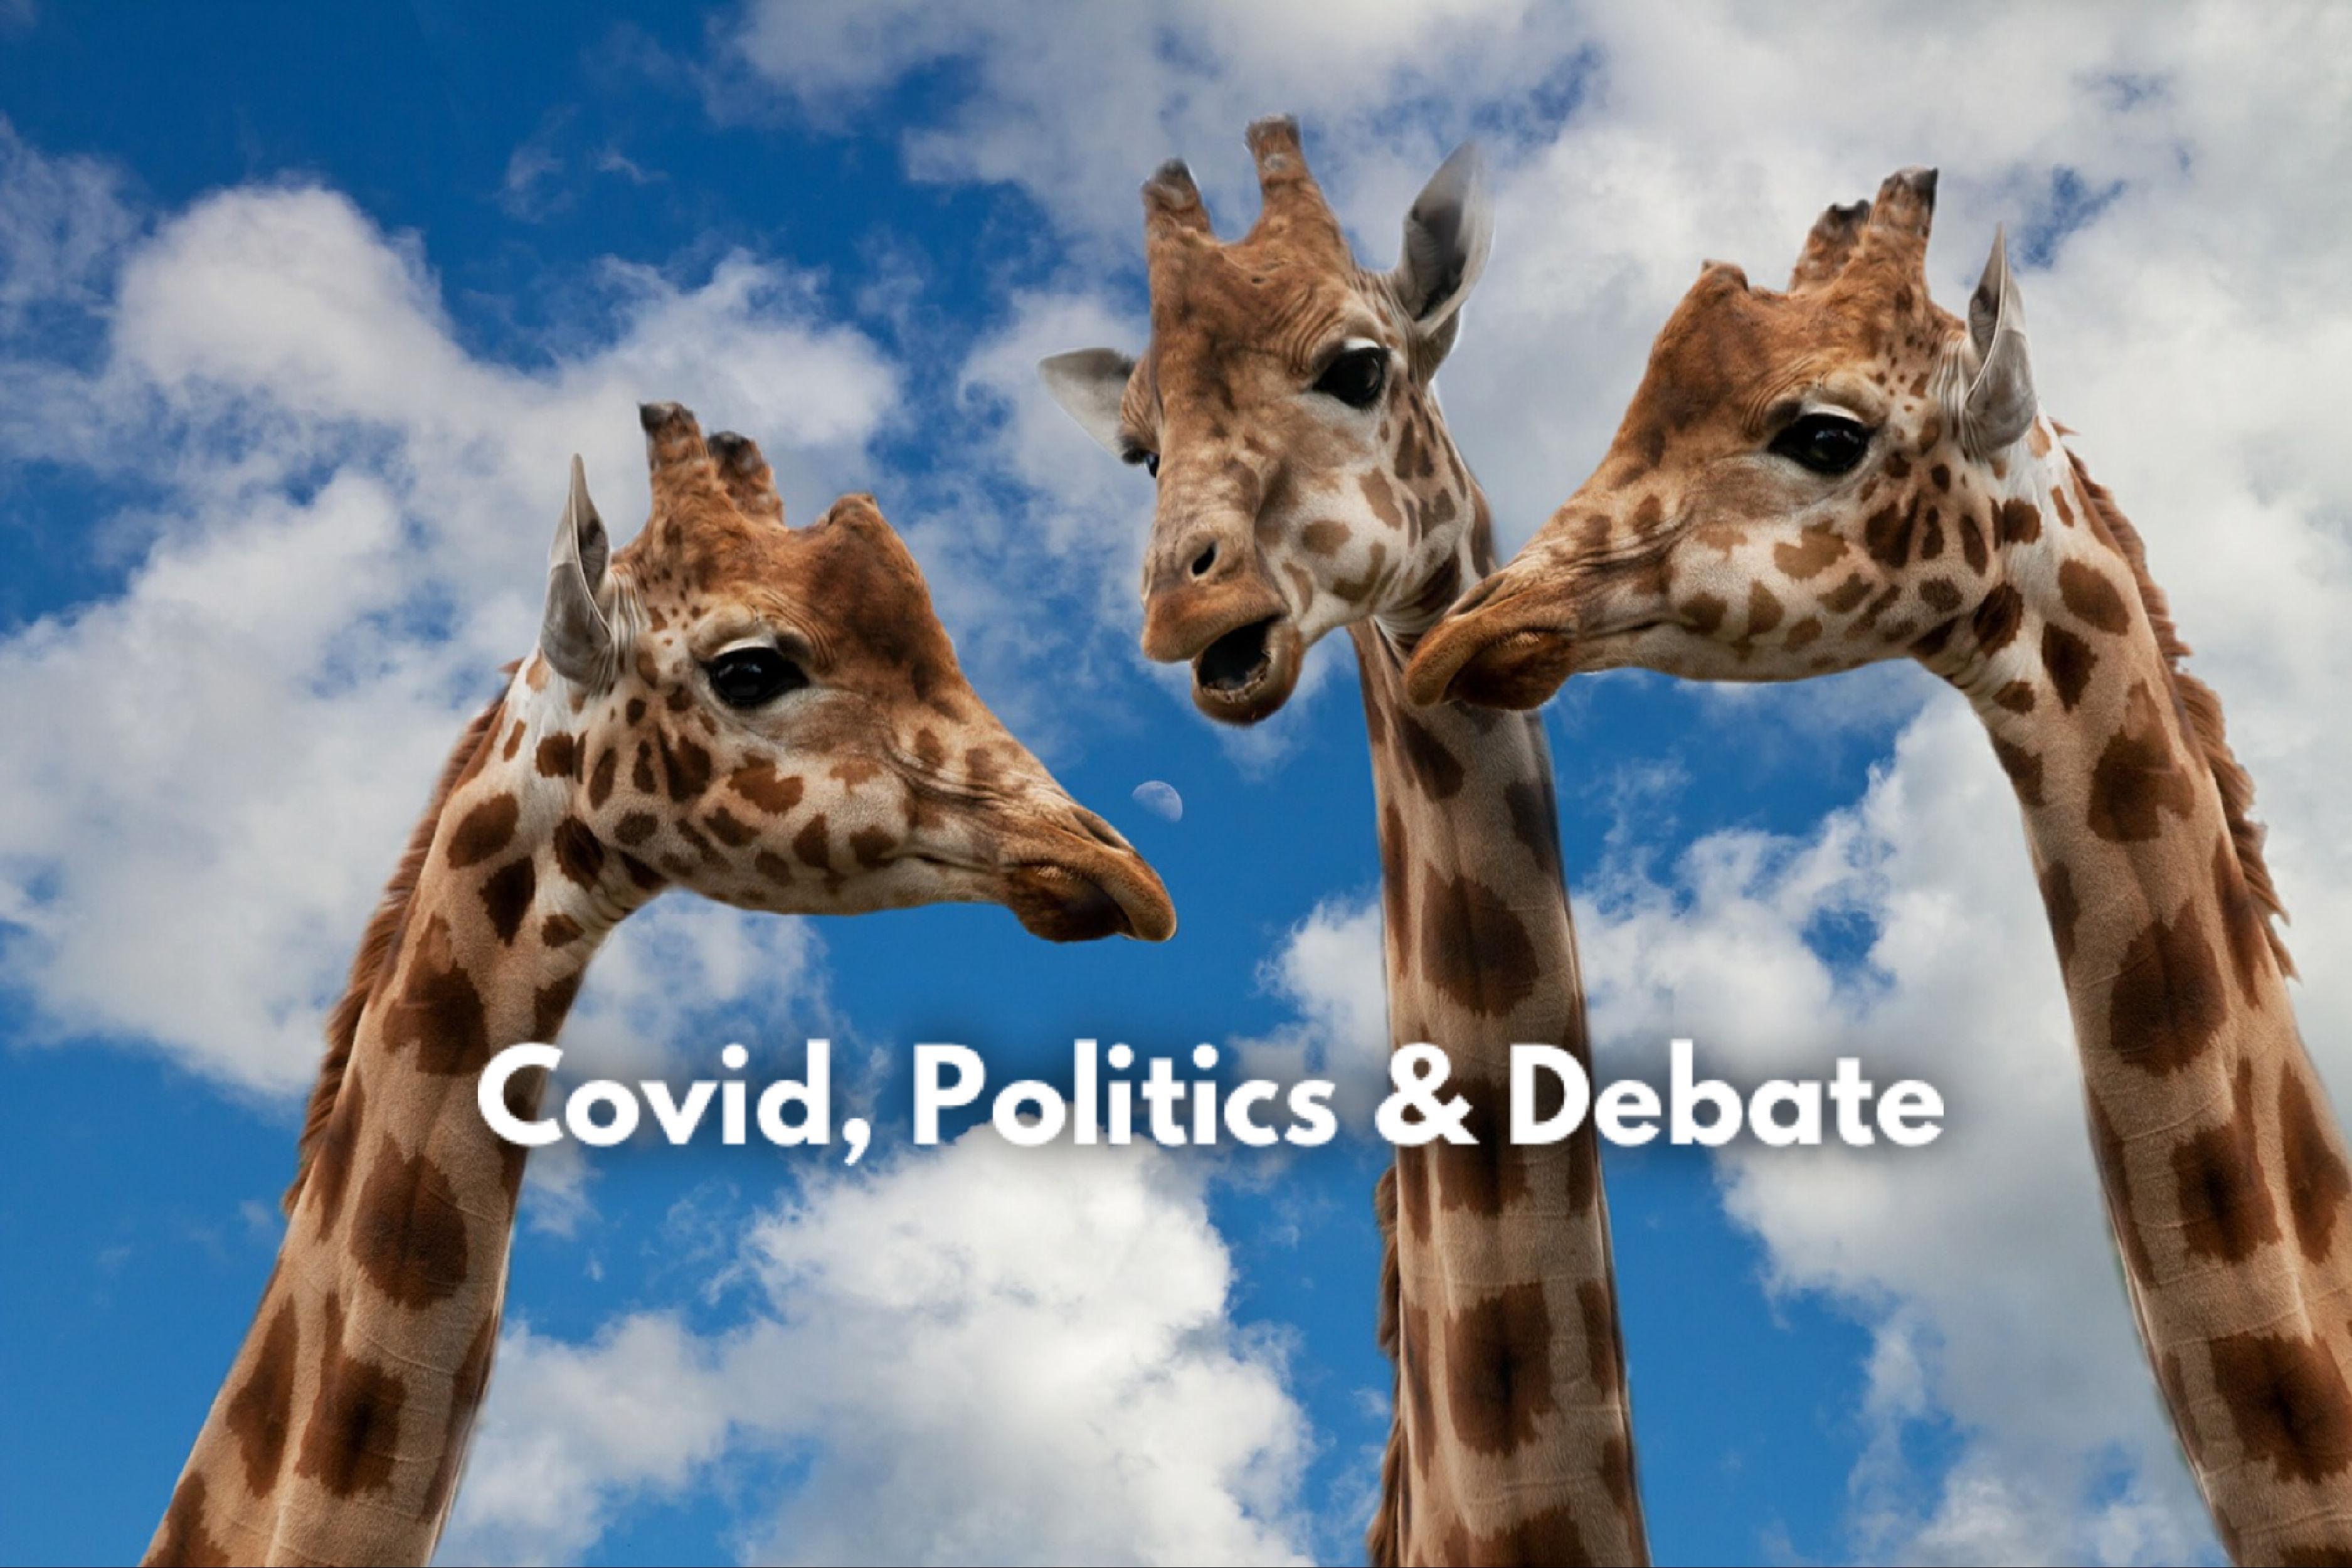 COVID Politics & Debate